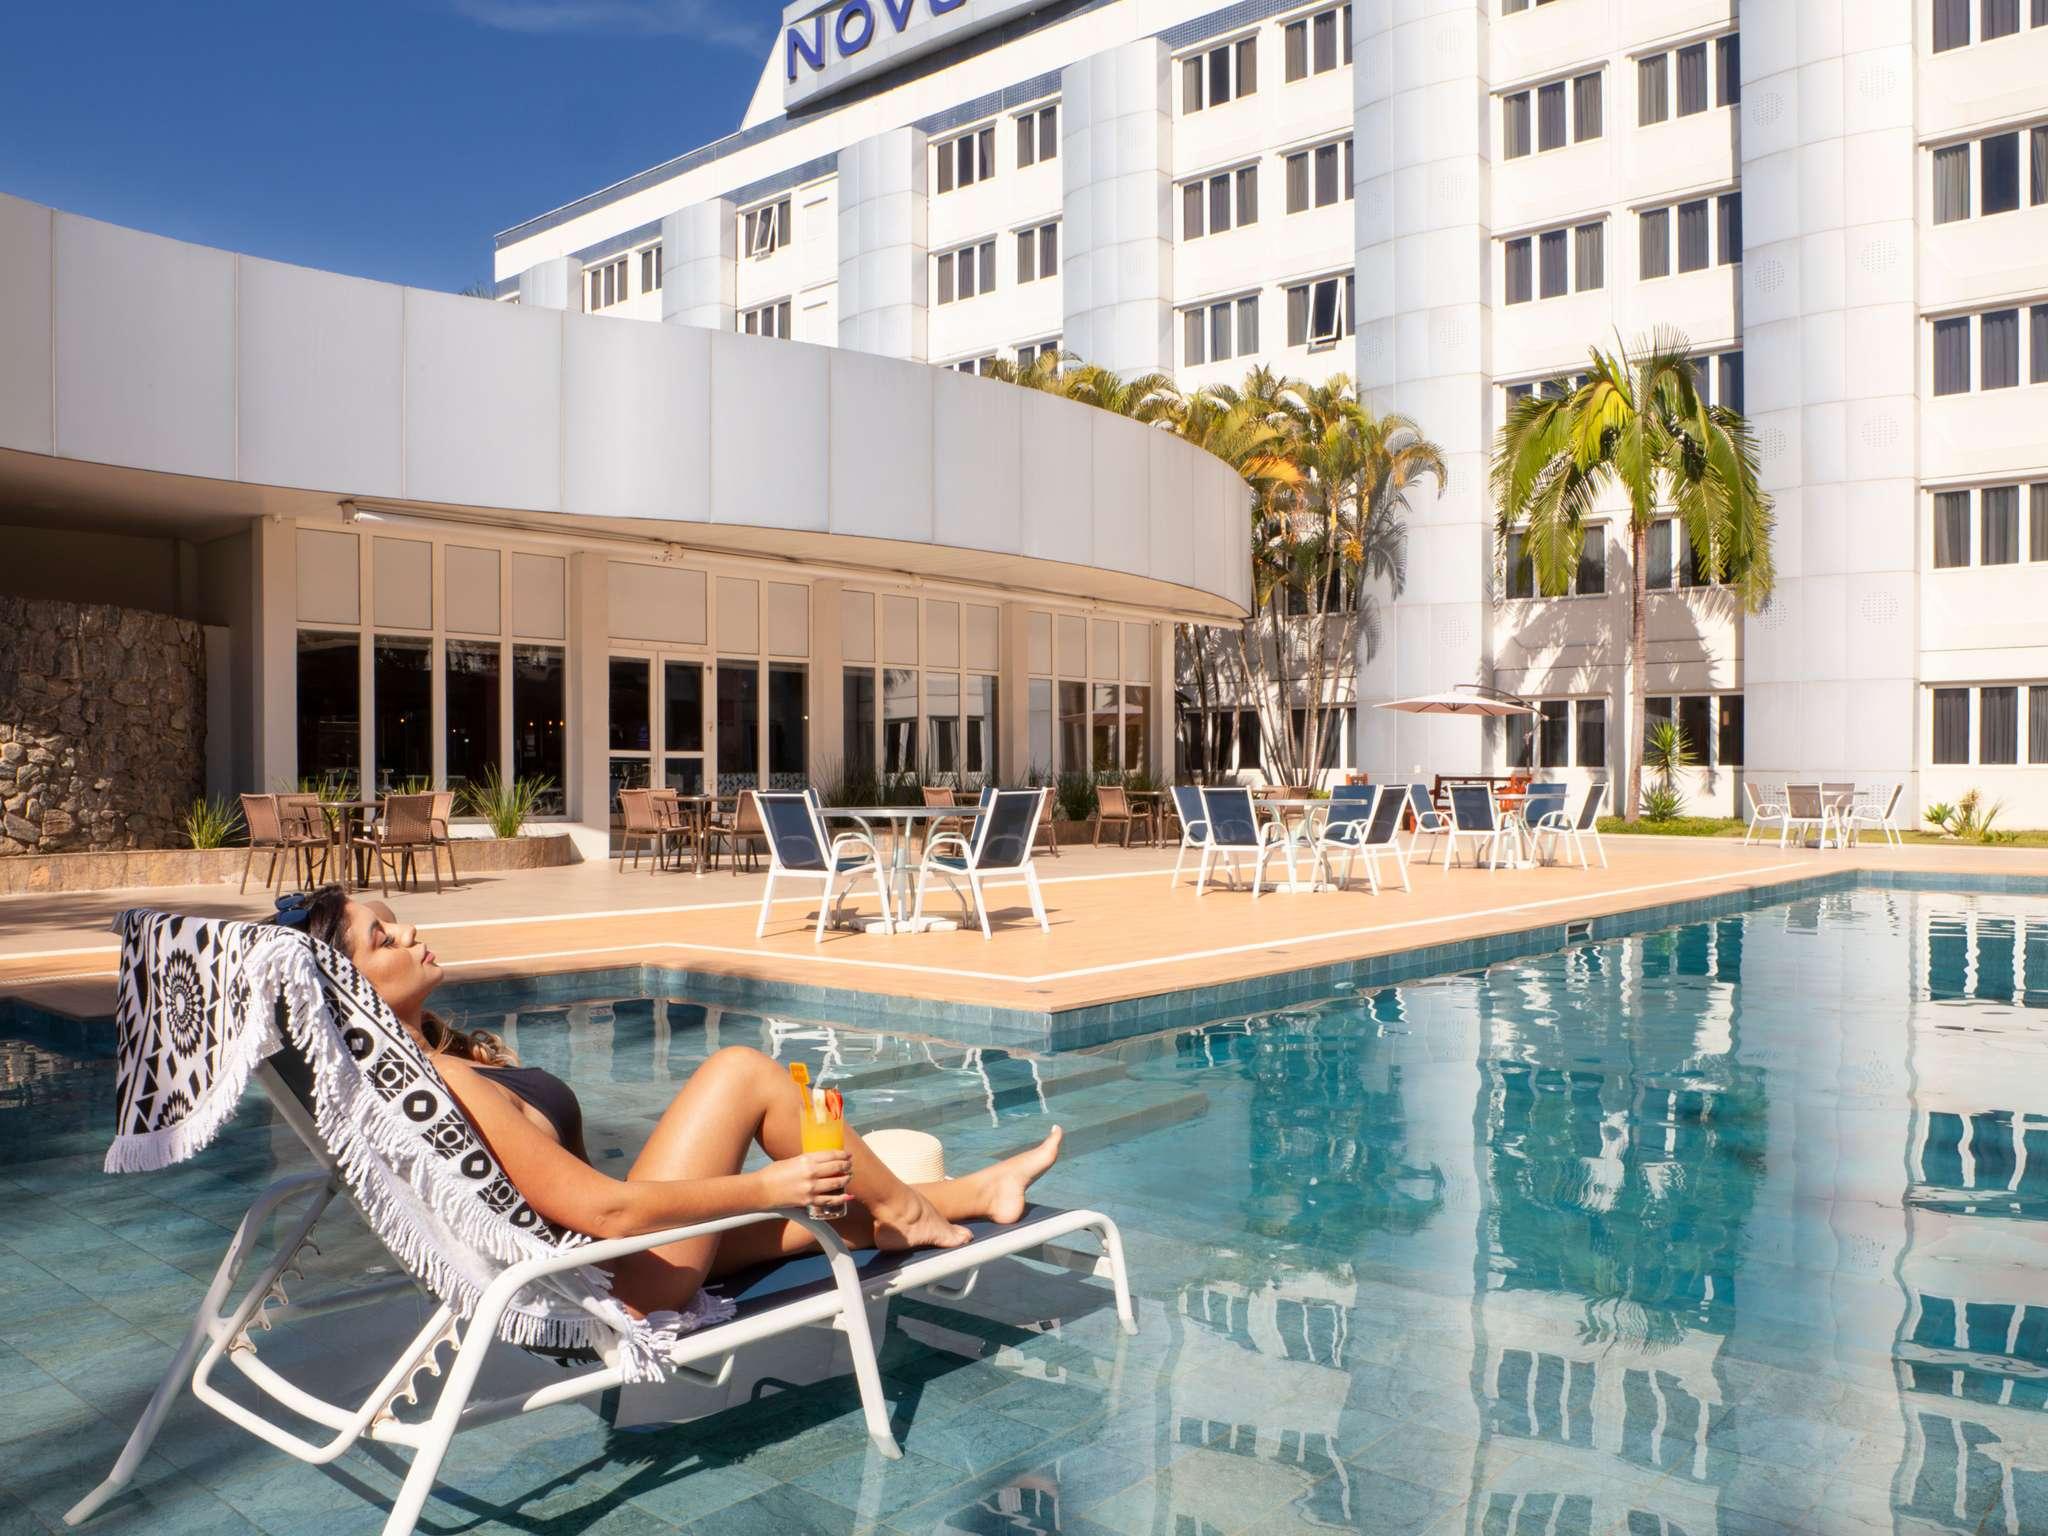 酒店 – 诺富特圣约瑟杜斯坎普斯酒店